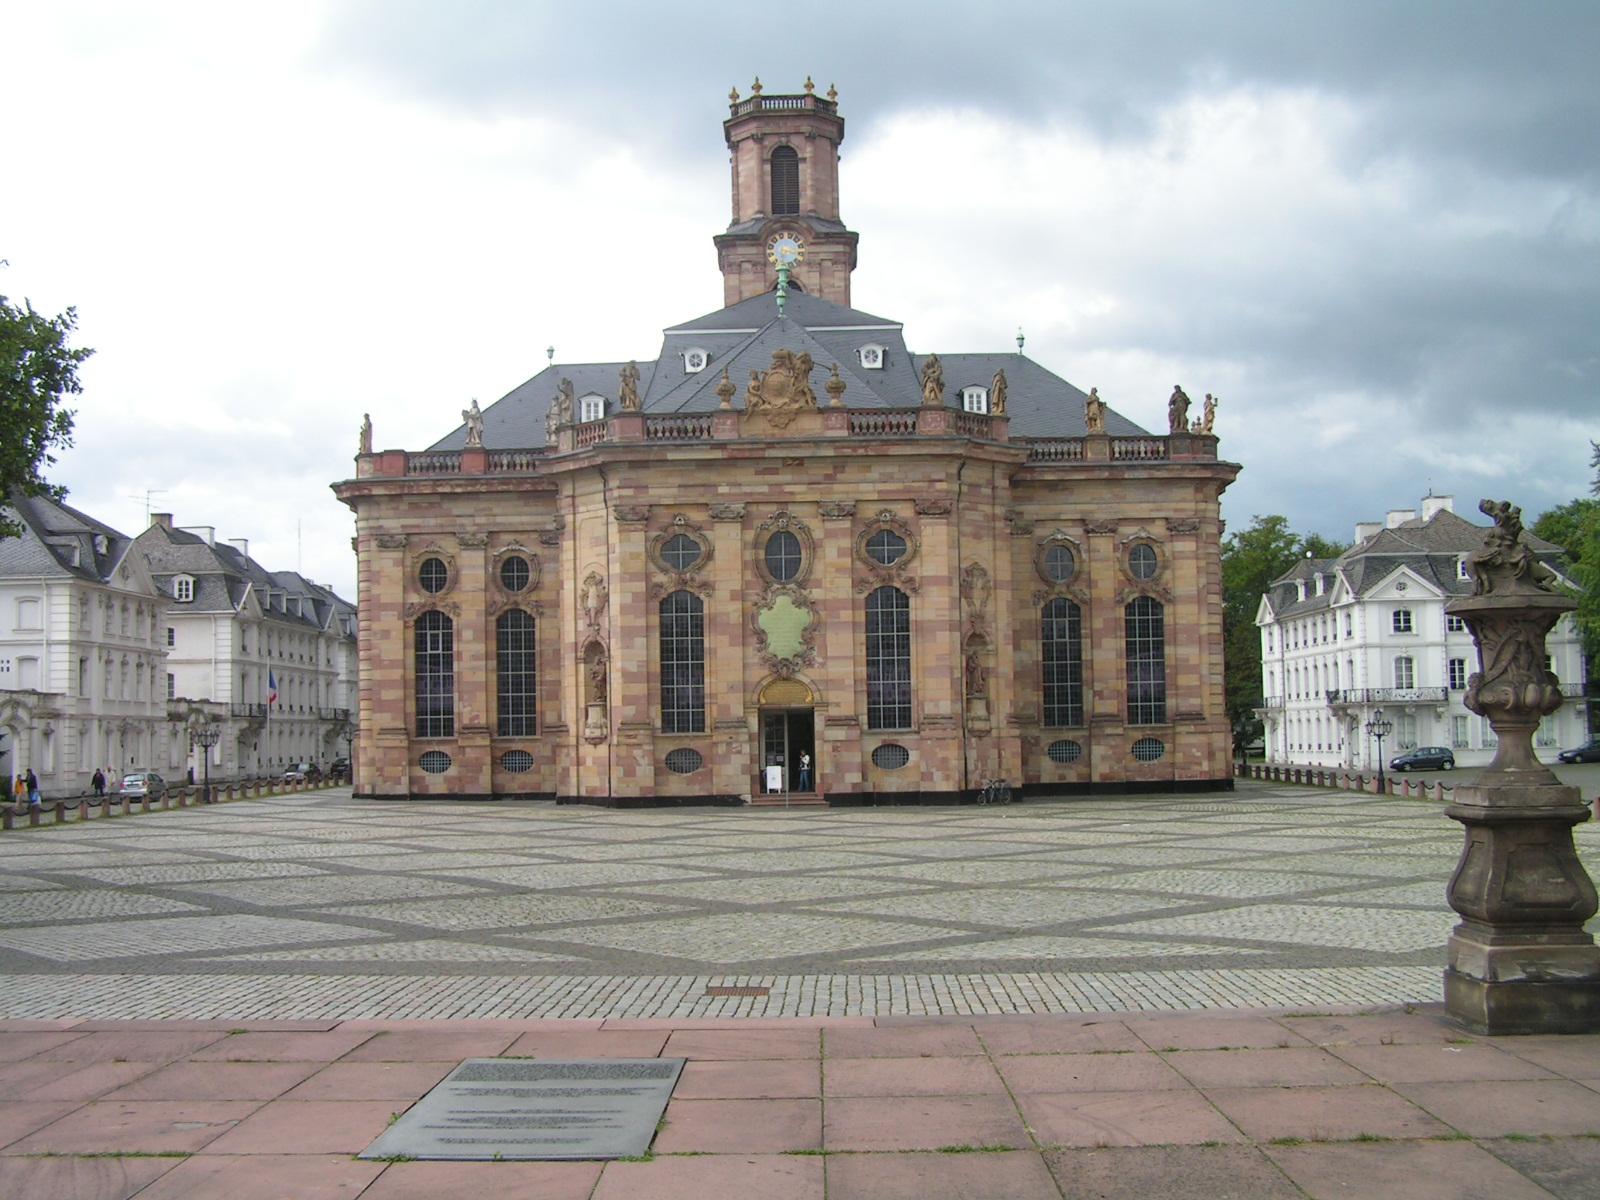 Bild von Saarbrücken: Saarbruecken-Ludwigskirche